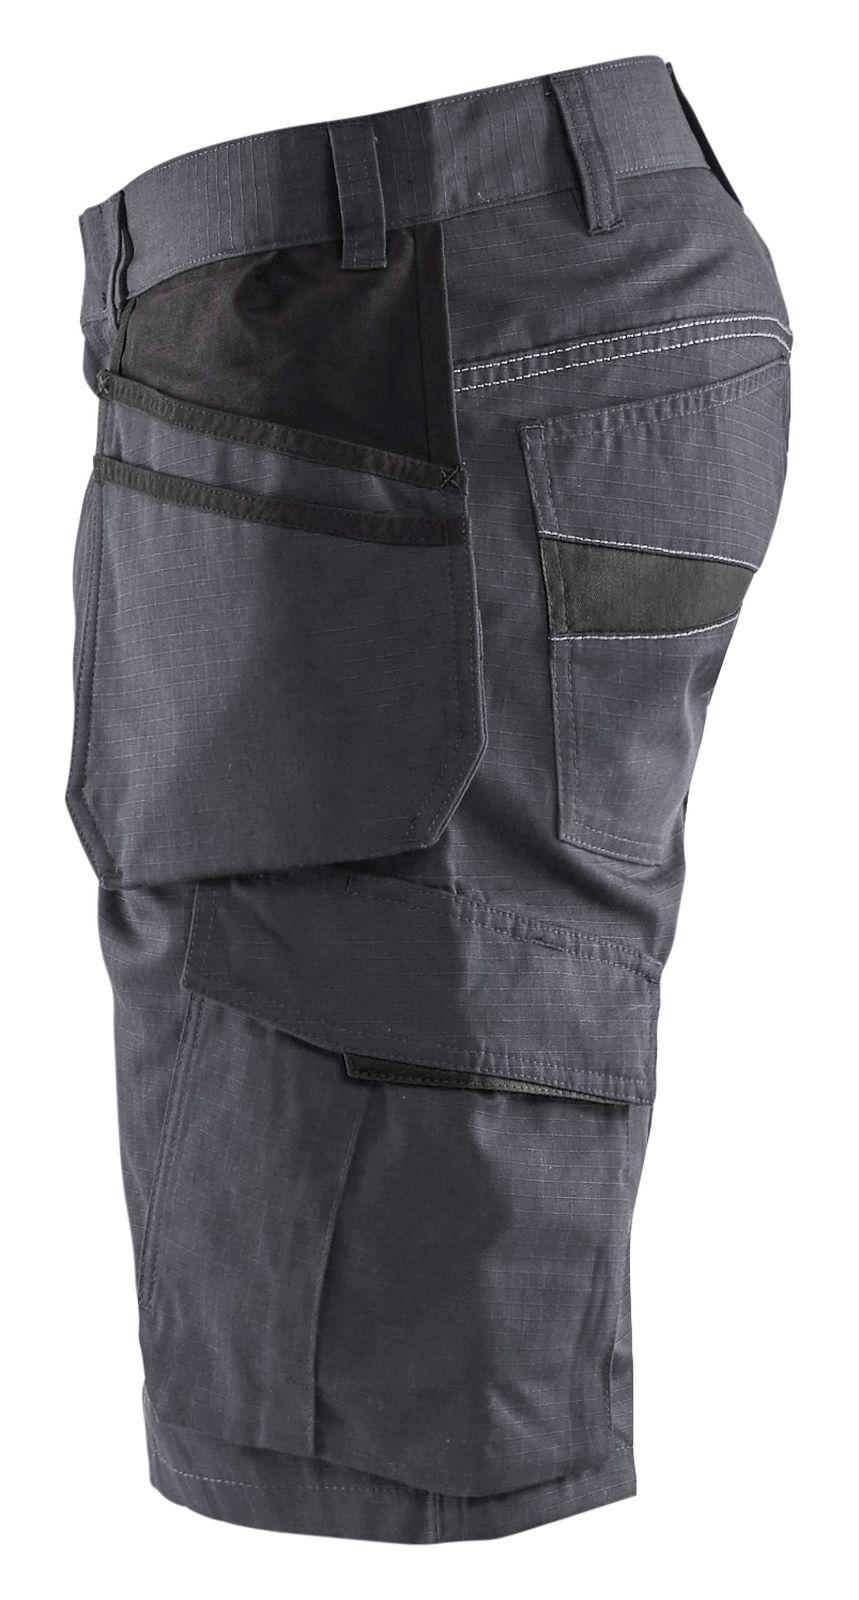 Blaklader Korte werkbroeken 14941330 midden grijs-zwart(9699)